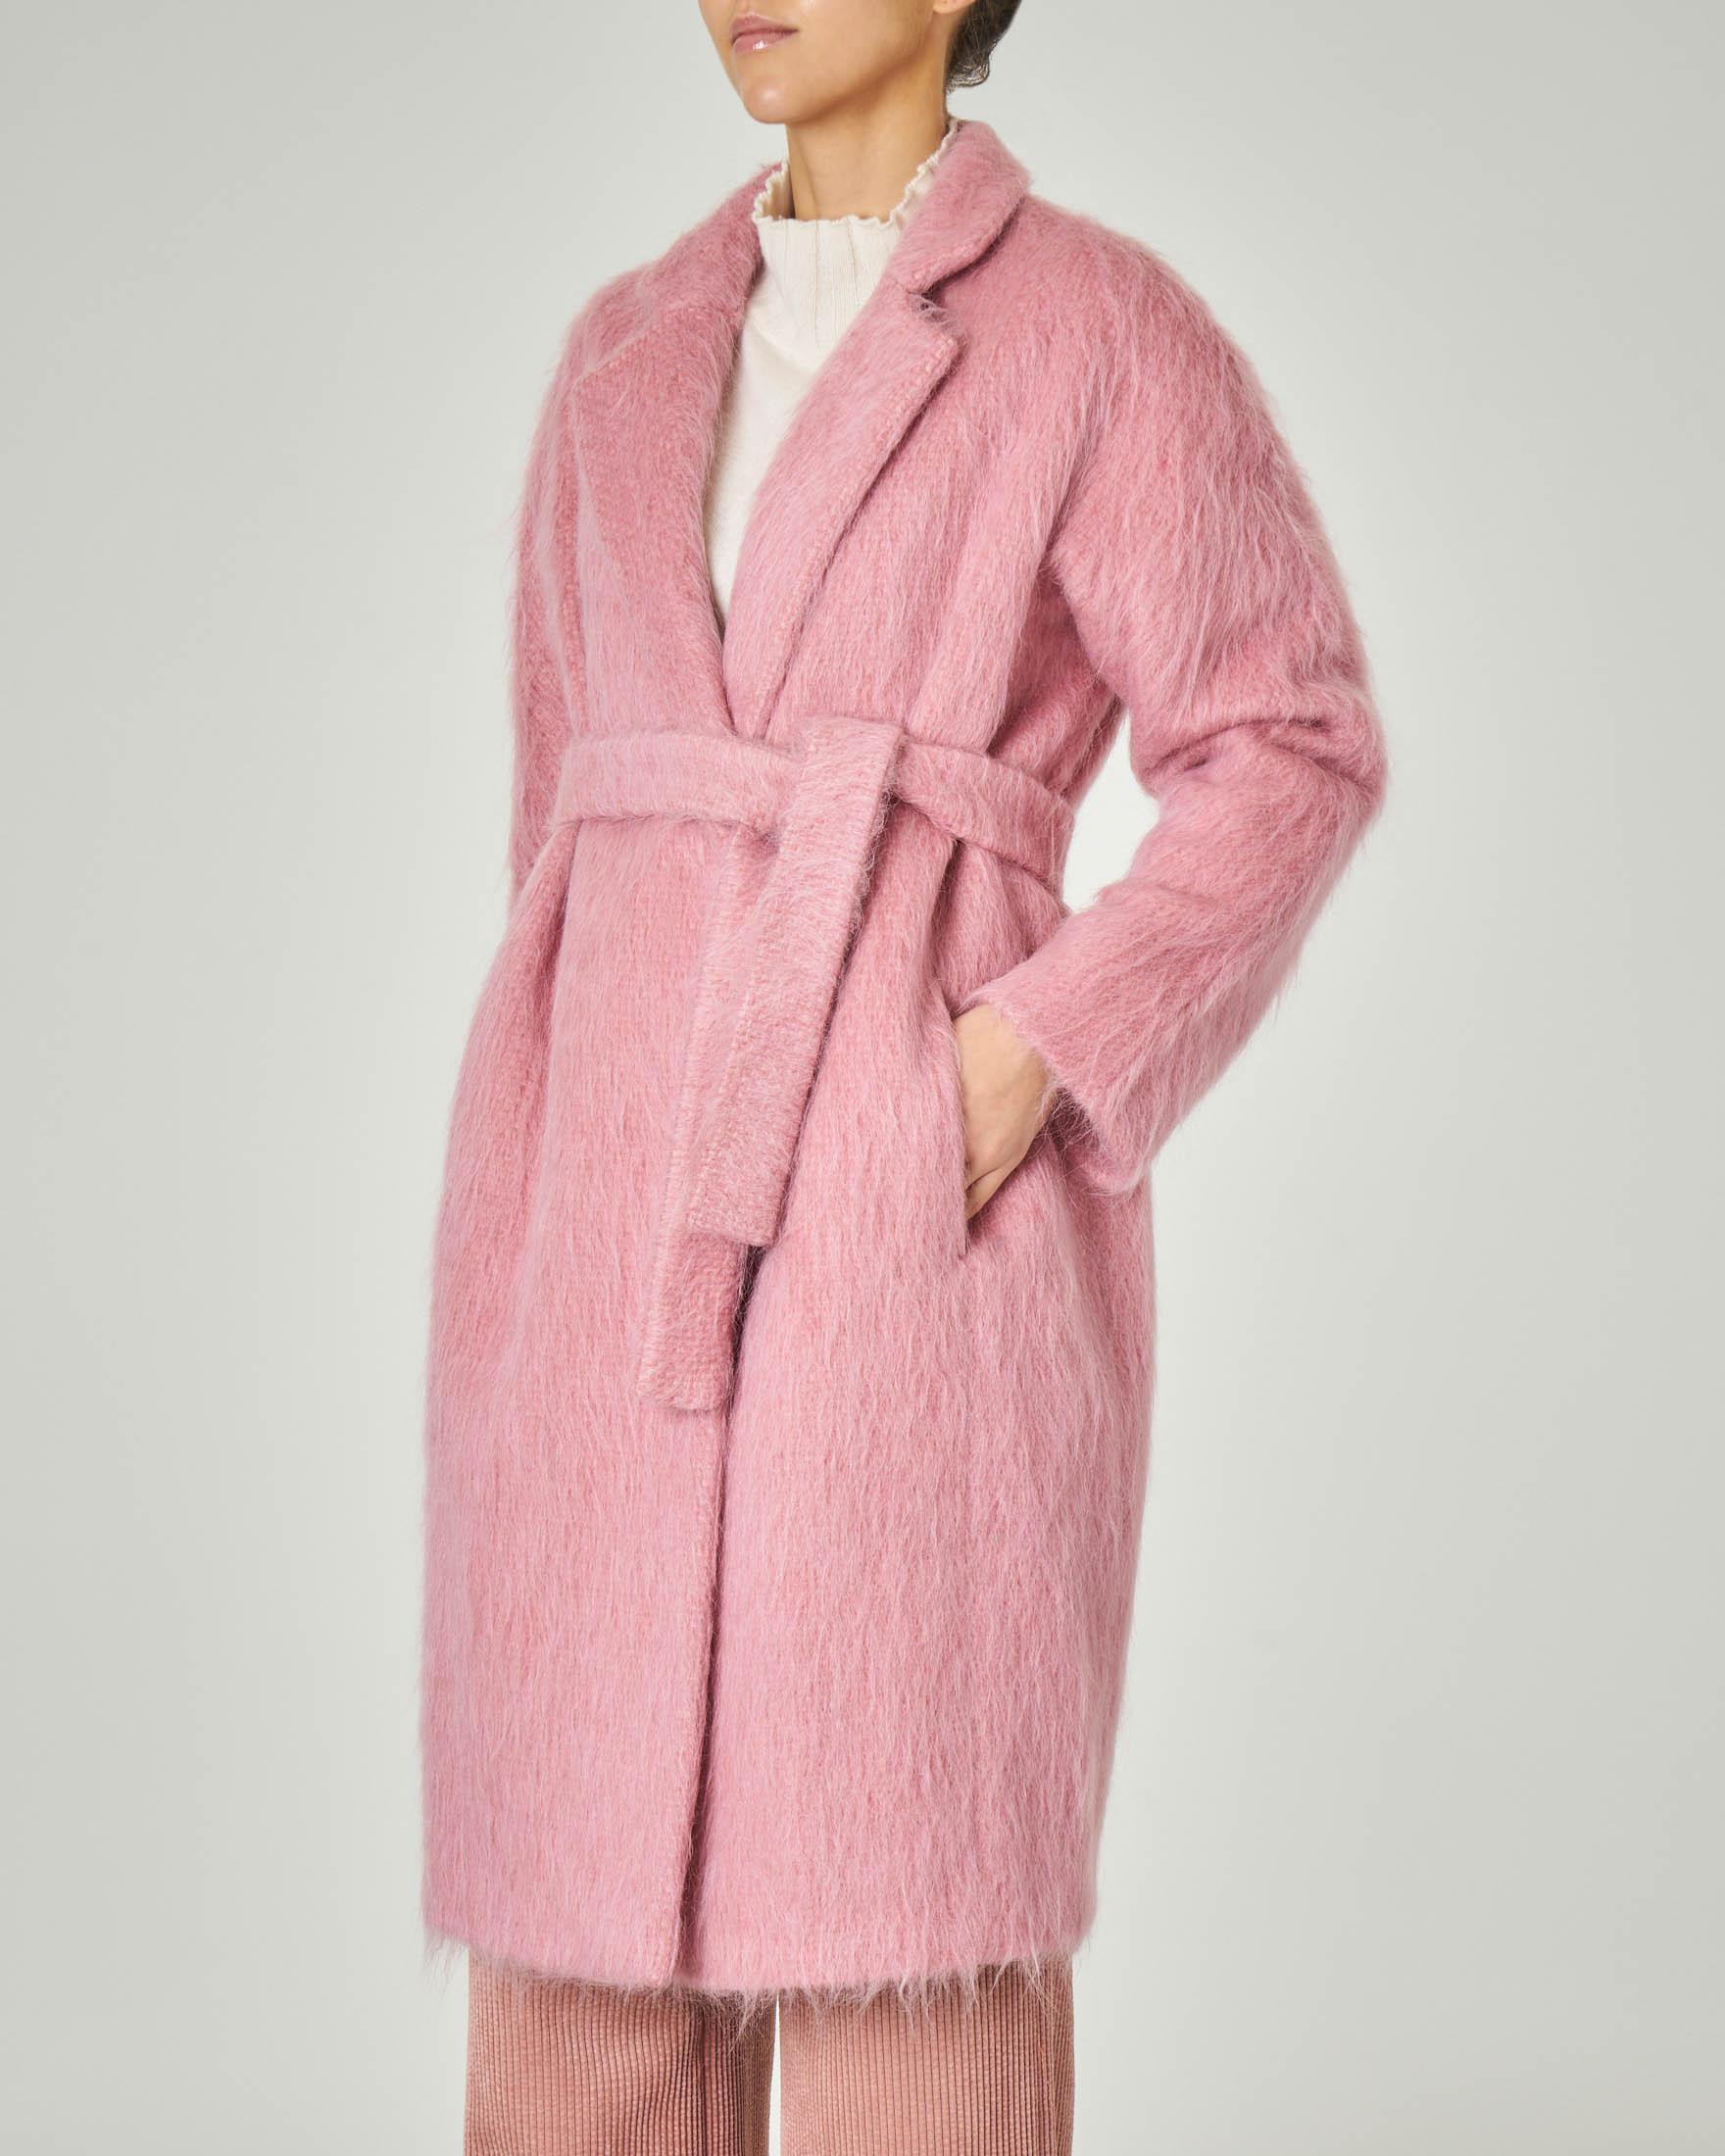 Cappotto rosa in lana misto mohair con collo in piedi e cintura in vita